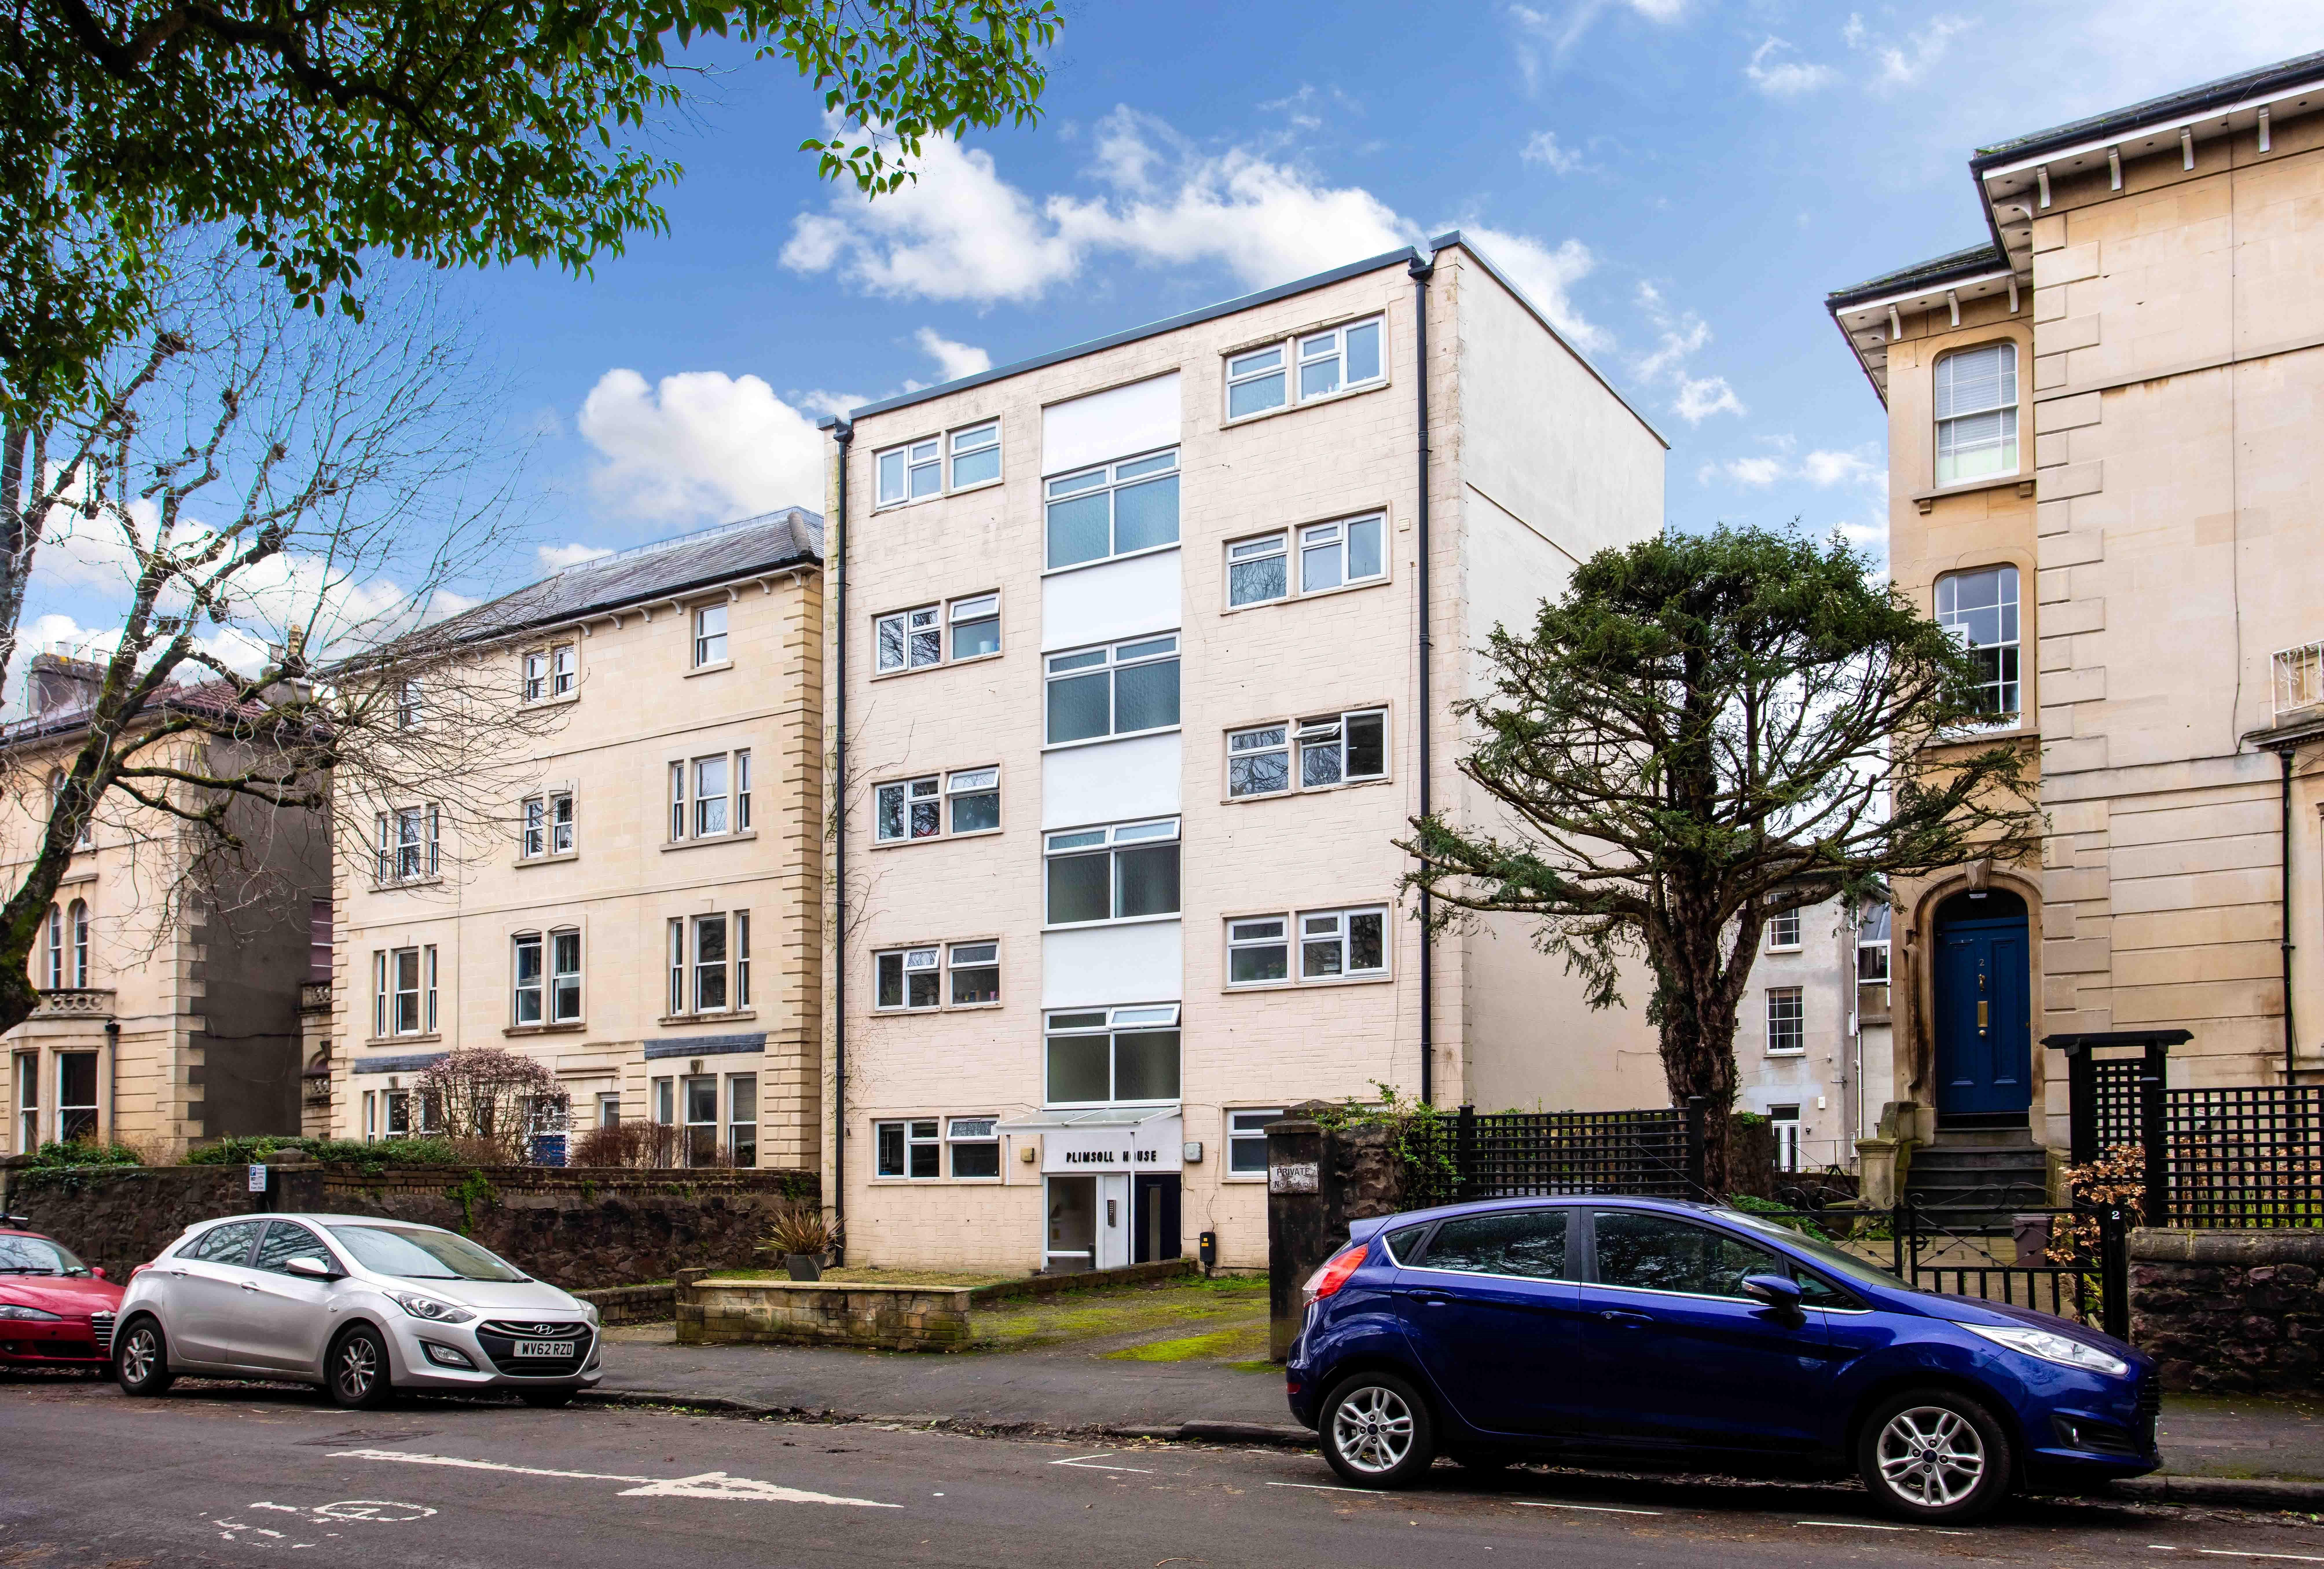 Studio-flat to rent in Redland, BS6